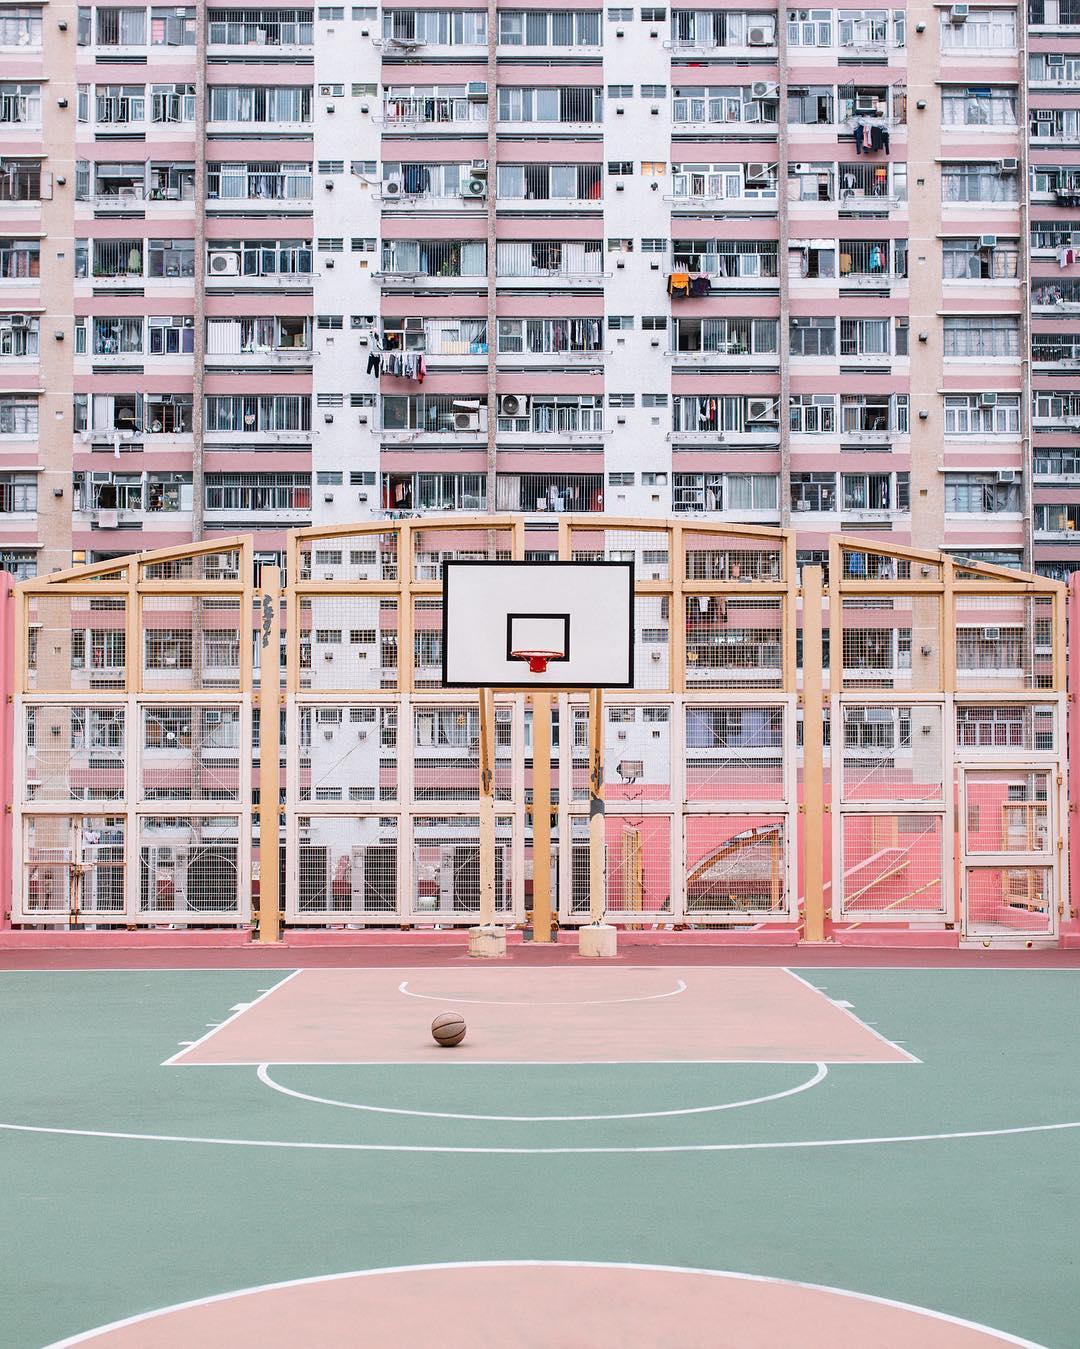 Pink Basketball Court.jpg